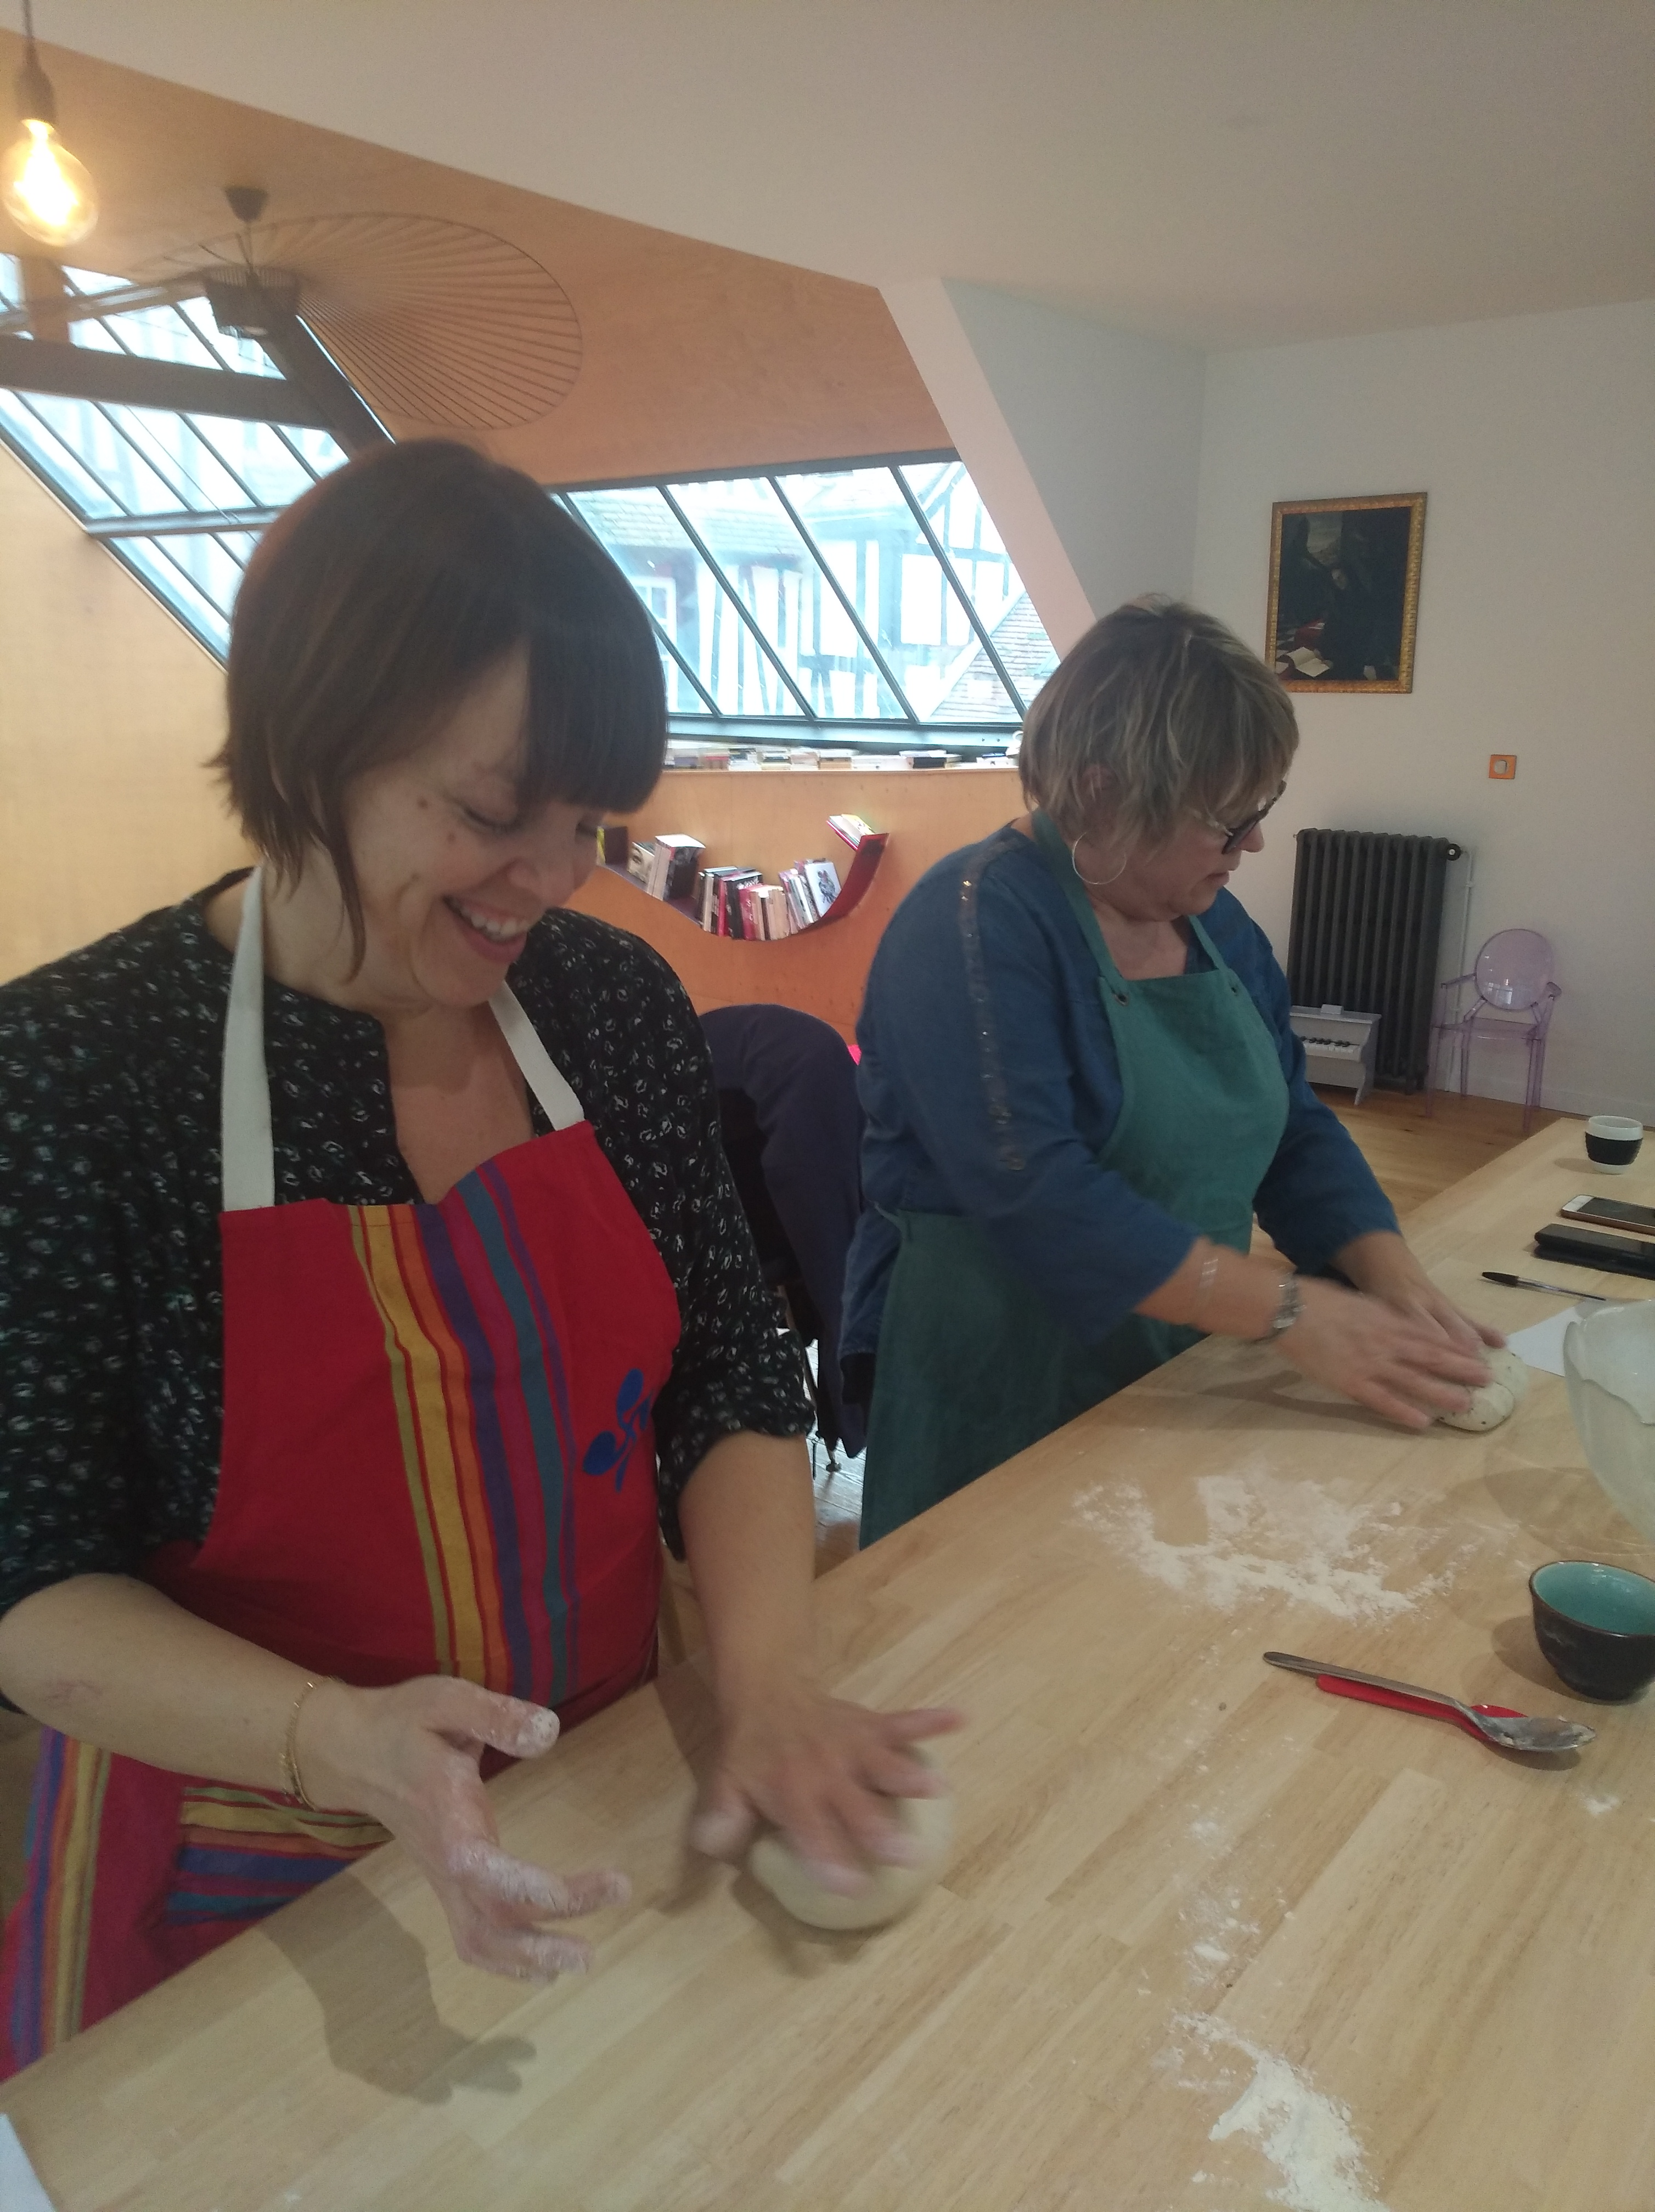 Atelier de fabrication de pain au levain bio à Rouen